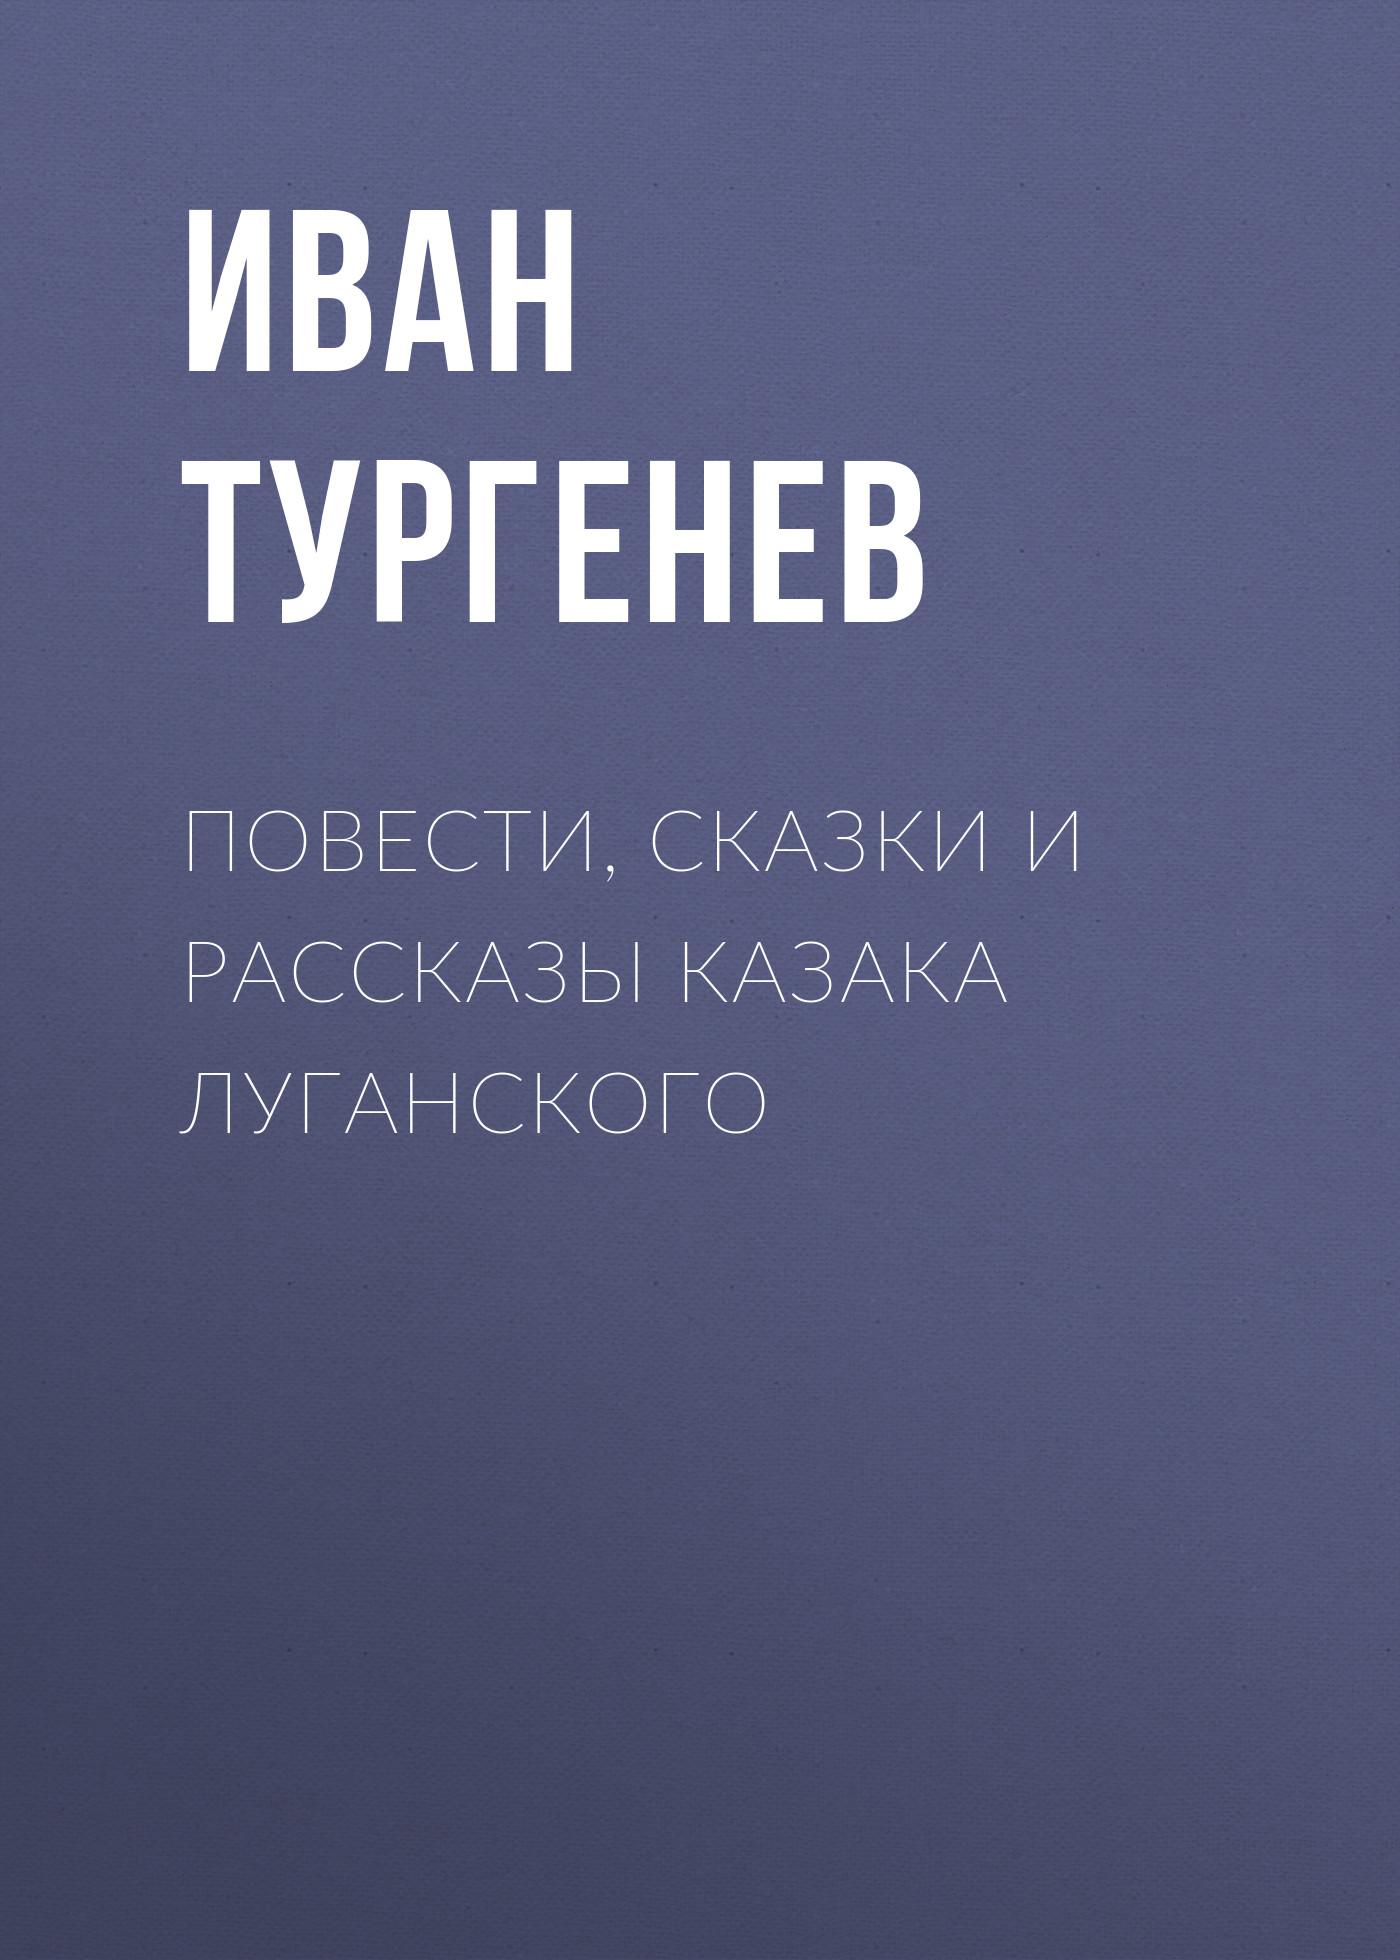 Купить книгу Повести, сказки и рассказы Казака Луганского, автора Ивана Тургенева